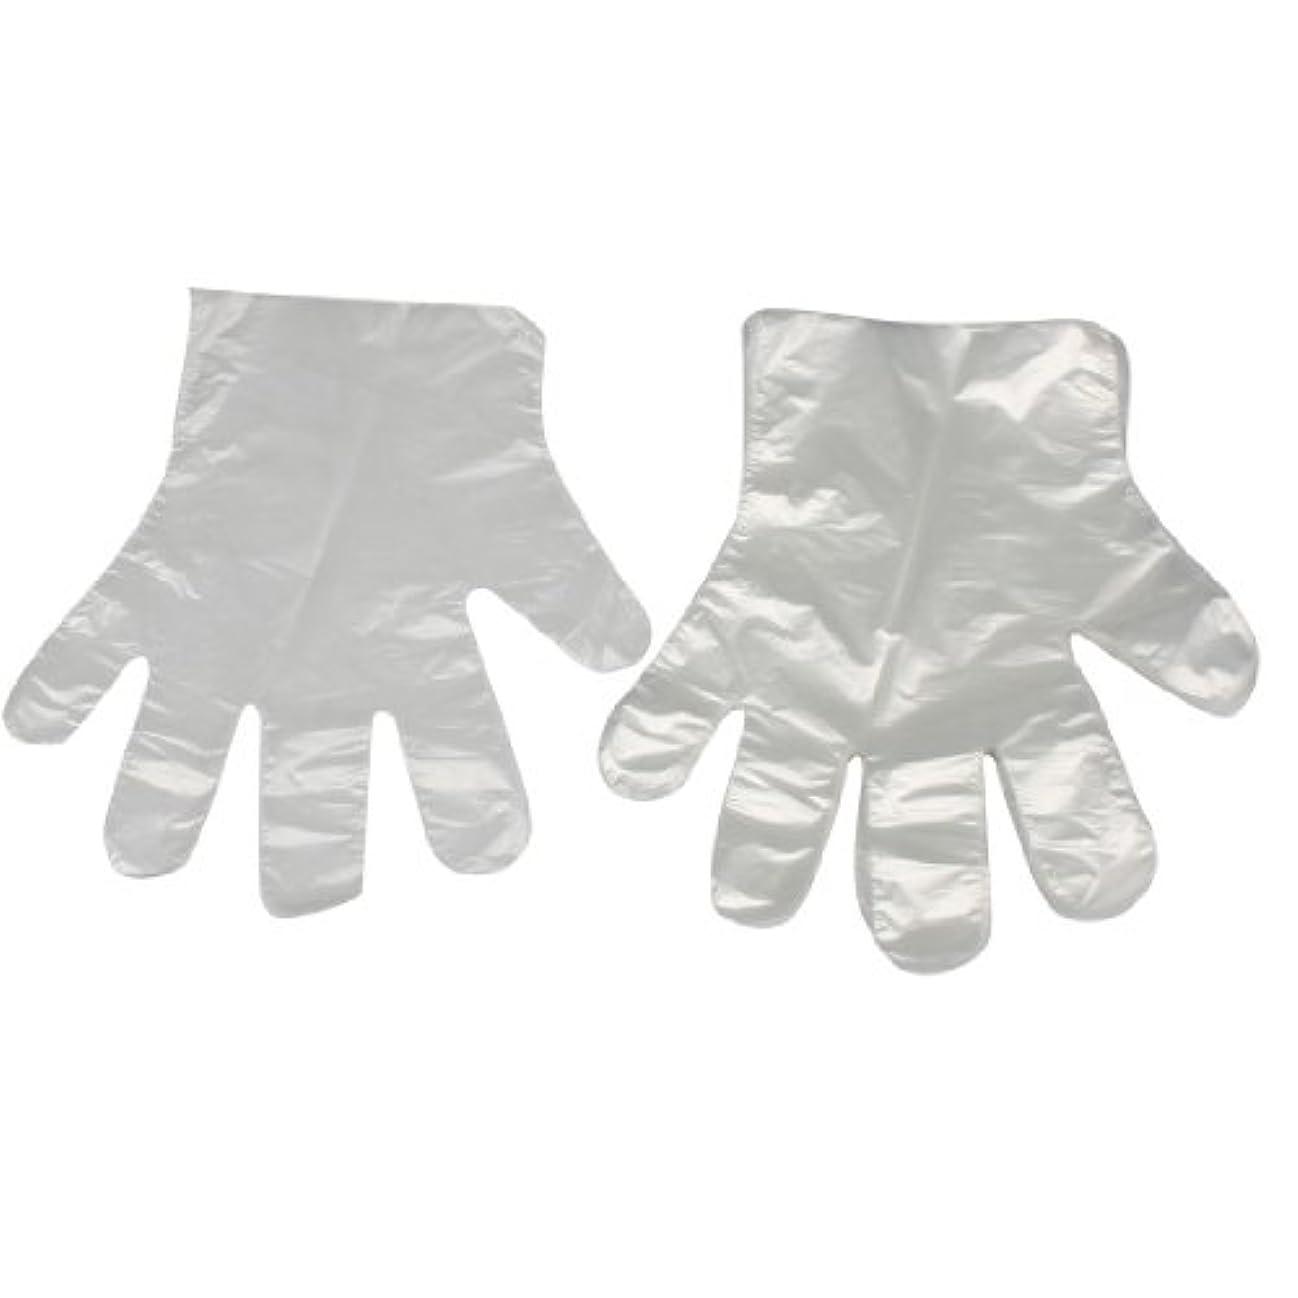 ペパーミント累計マウントバンクuxcell ホーム用キッチン用品 薄い柔軟な 使い捨て手袋 クリア ホワイト100 枚